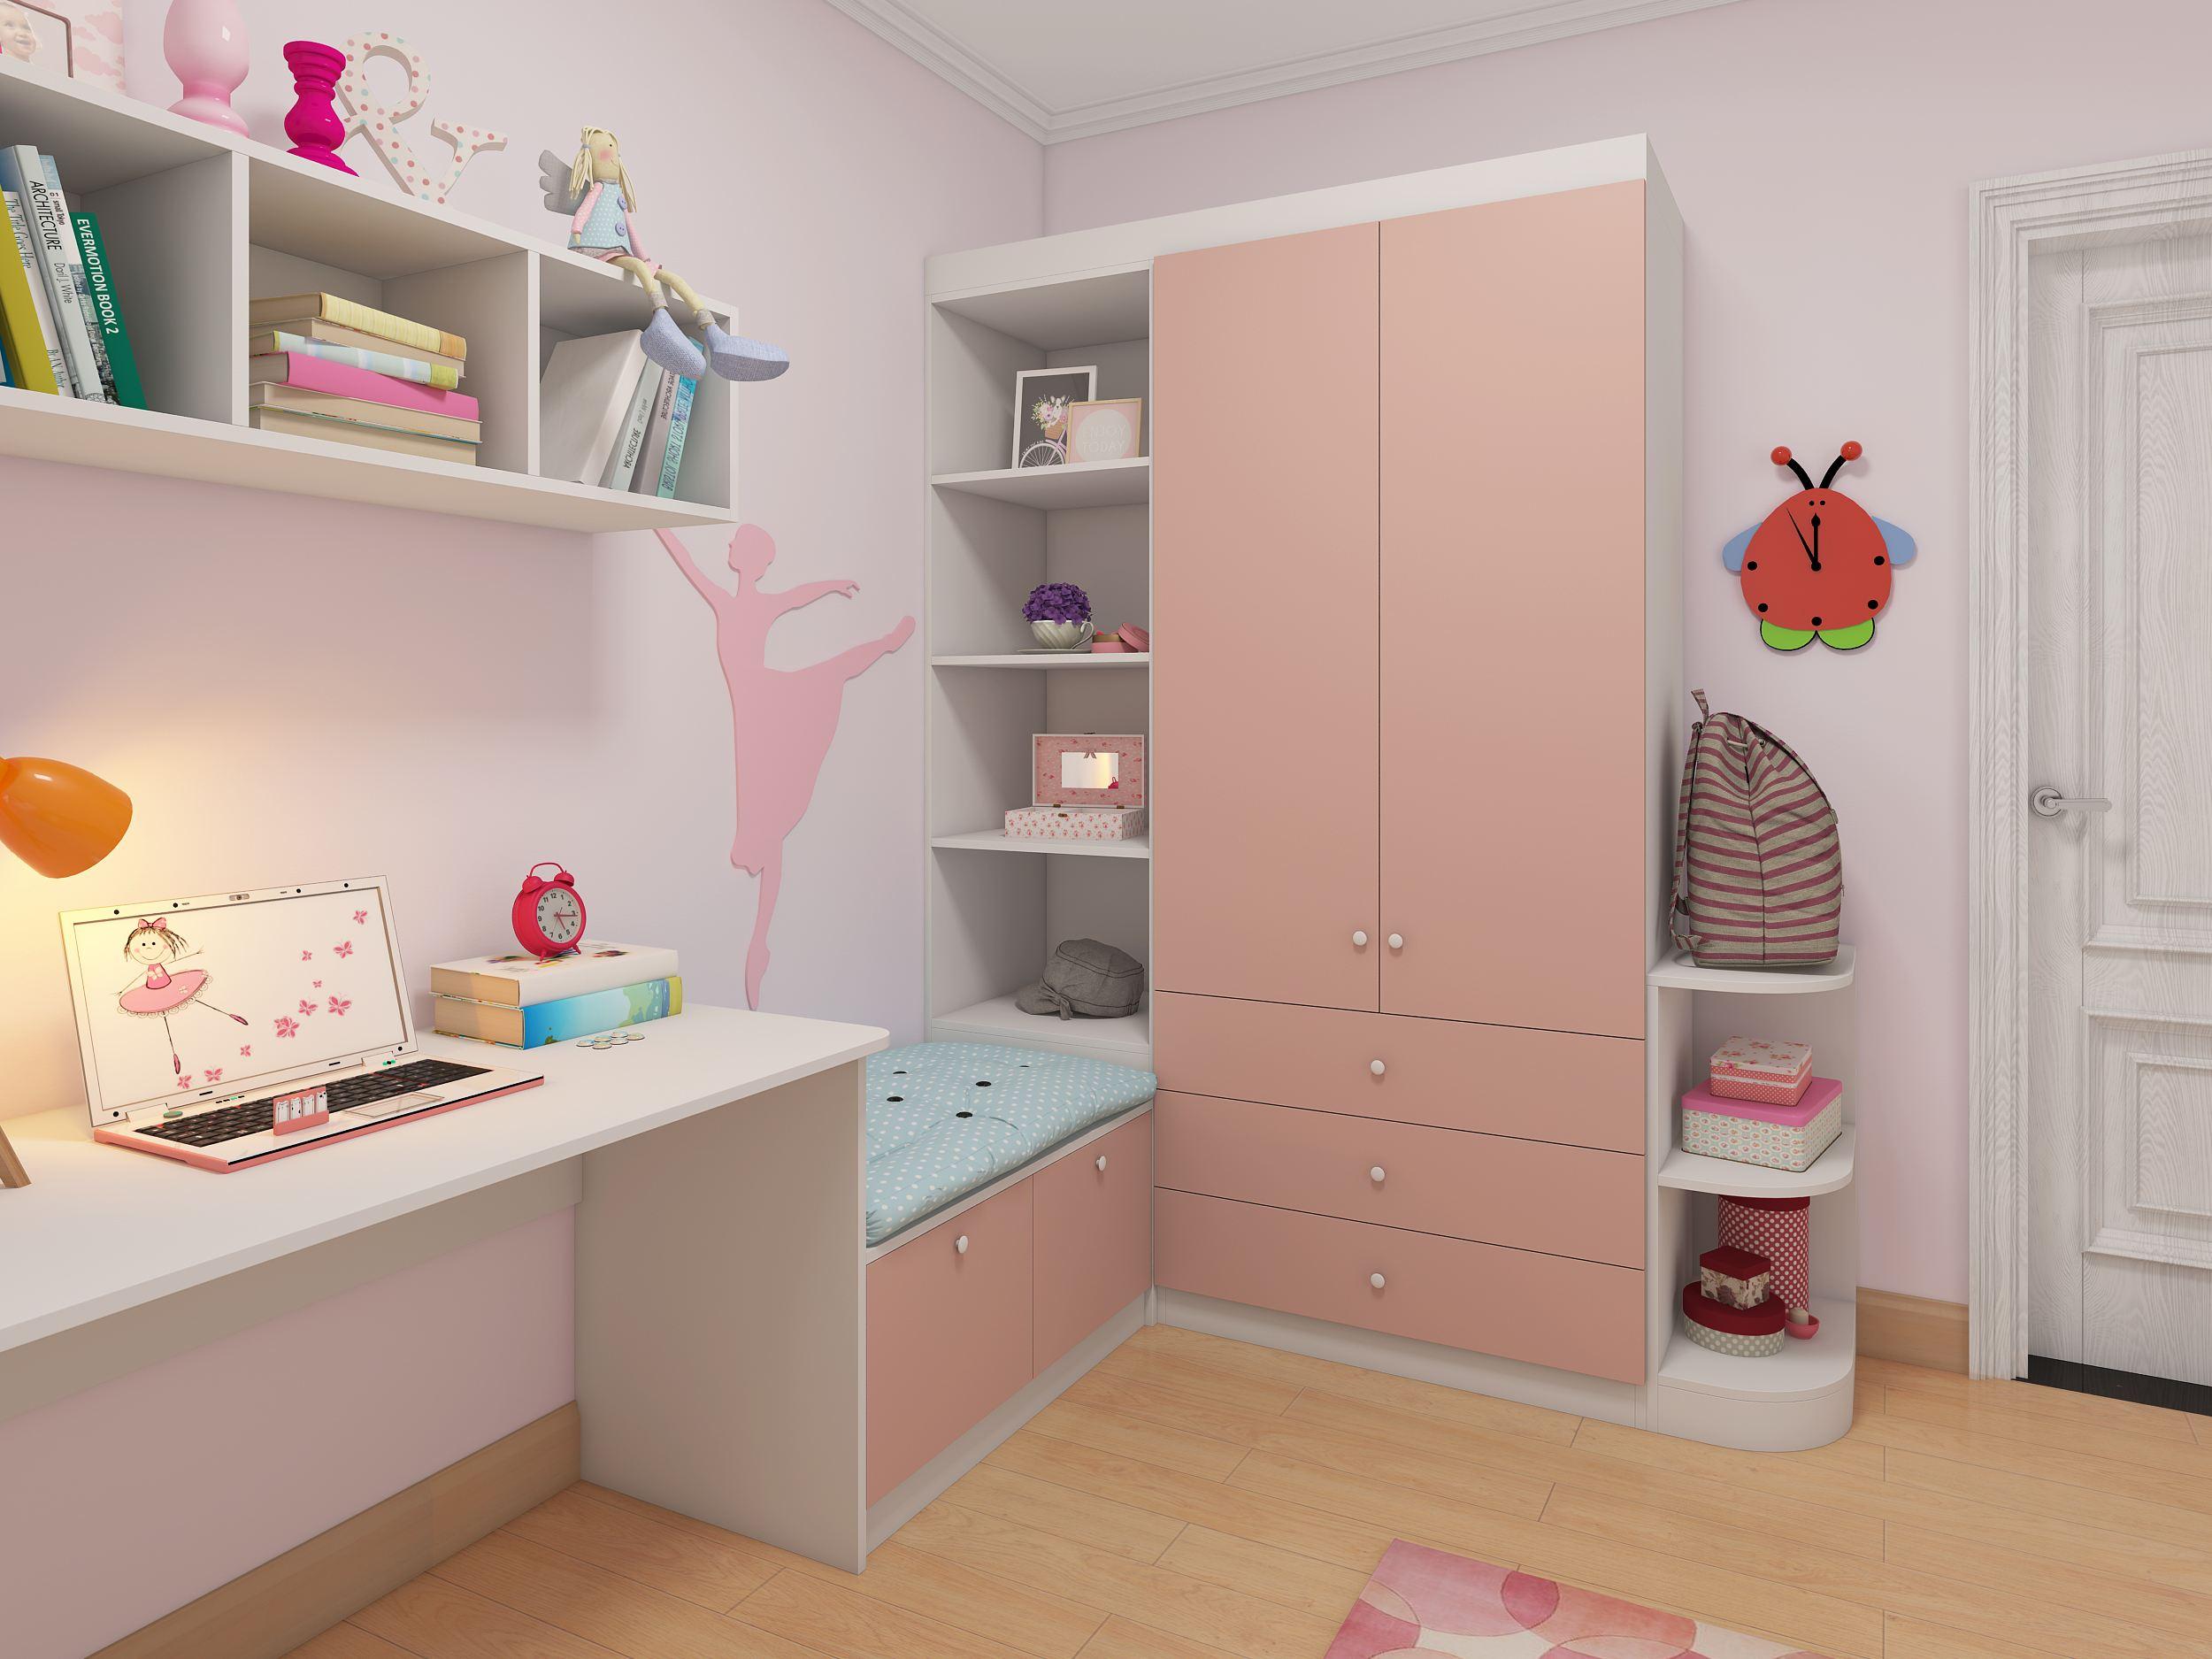 泰和县望隆湾家居定制衣柜先还是木地板安装先,优势在何处